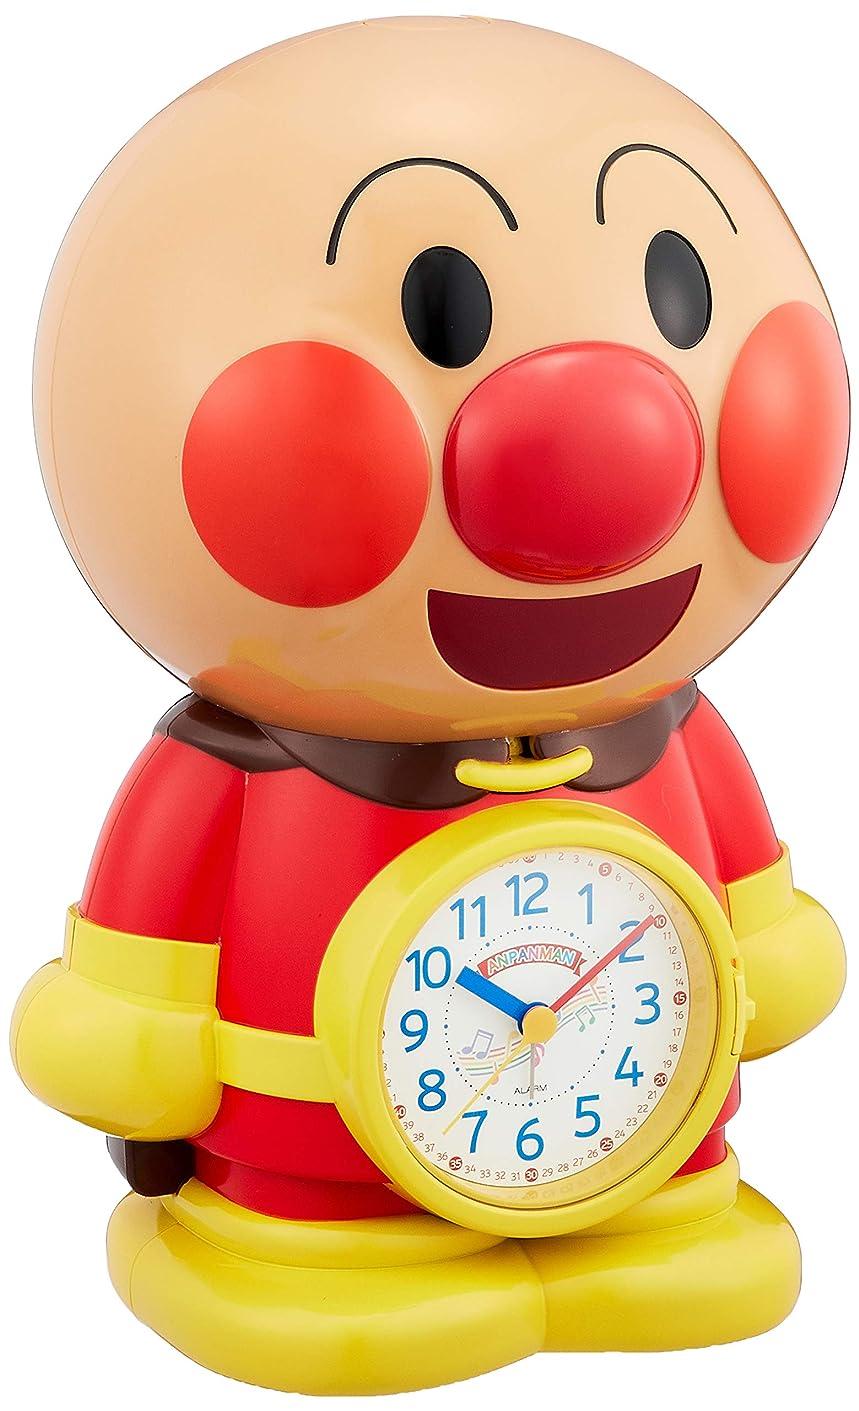 脊椎お酢計画的それいけ アンパンマン 目覚まし時計 キャラクター アナログ おもしろ おじゃべり 音声 3D 茶 リズム時計 4SE552-M06